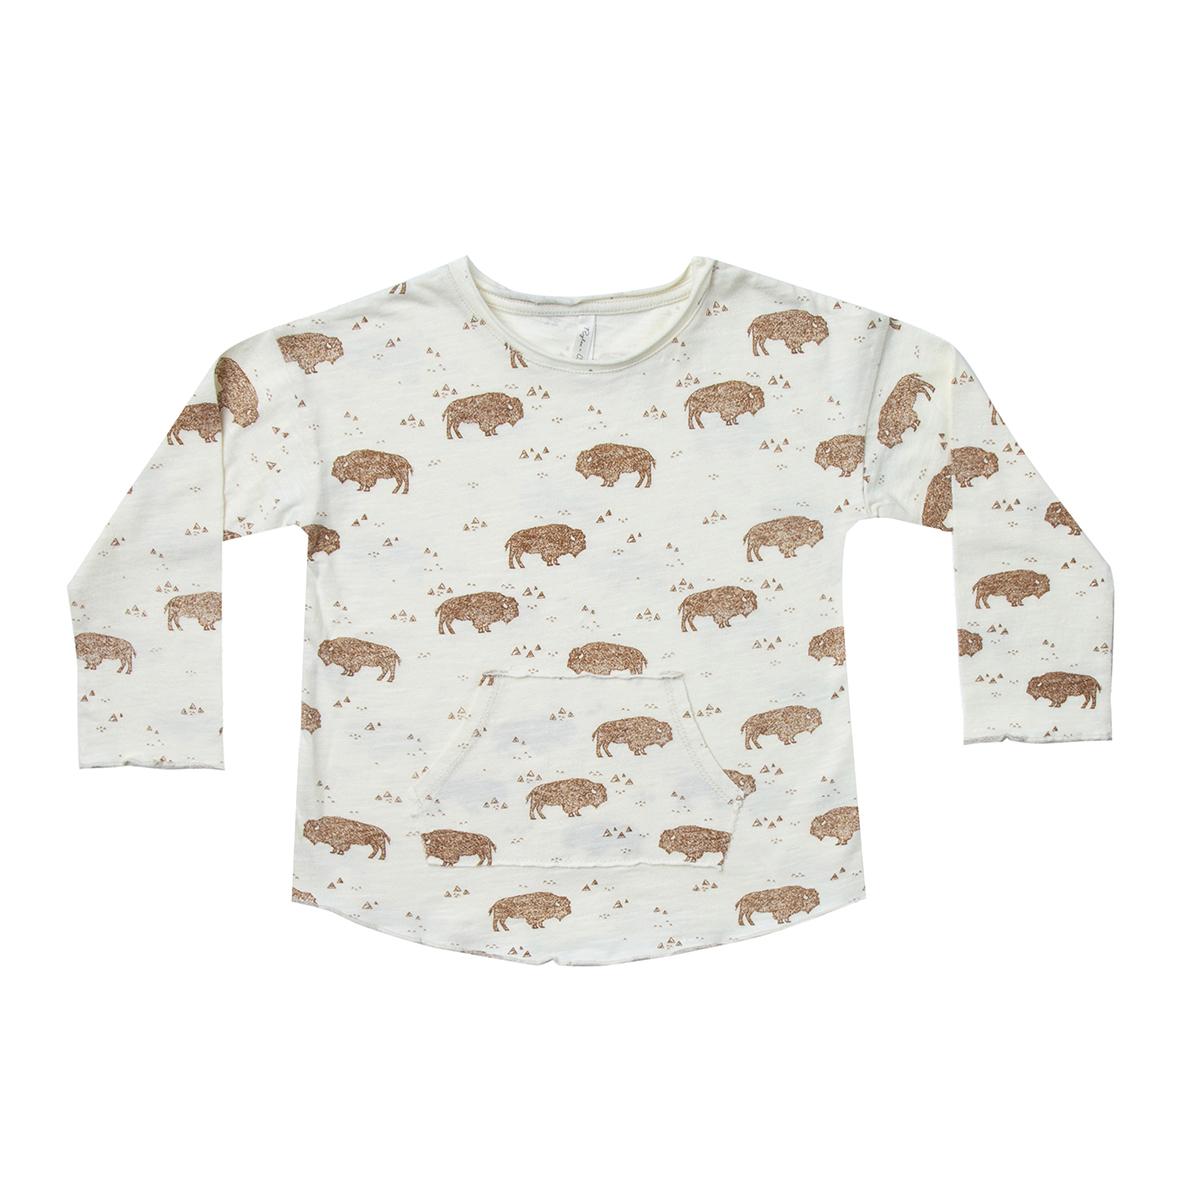 Hauts bébé T-shirt Buffalo Ivoire - 18/24 Mois T-shirt Buffalo Ivoire - 18/24 Mois